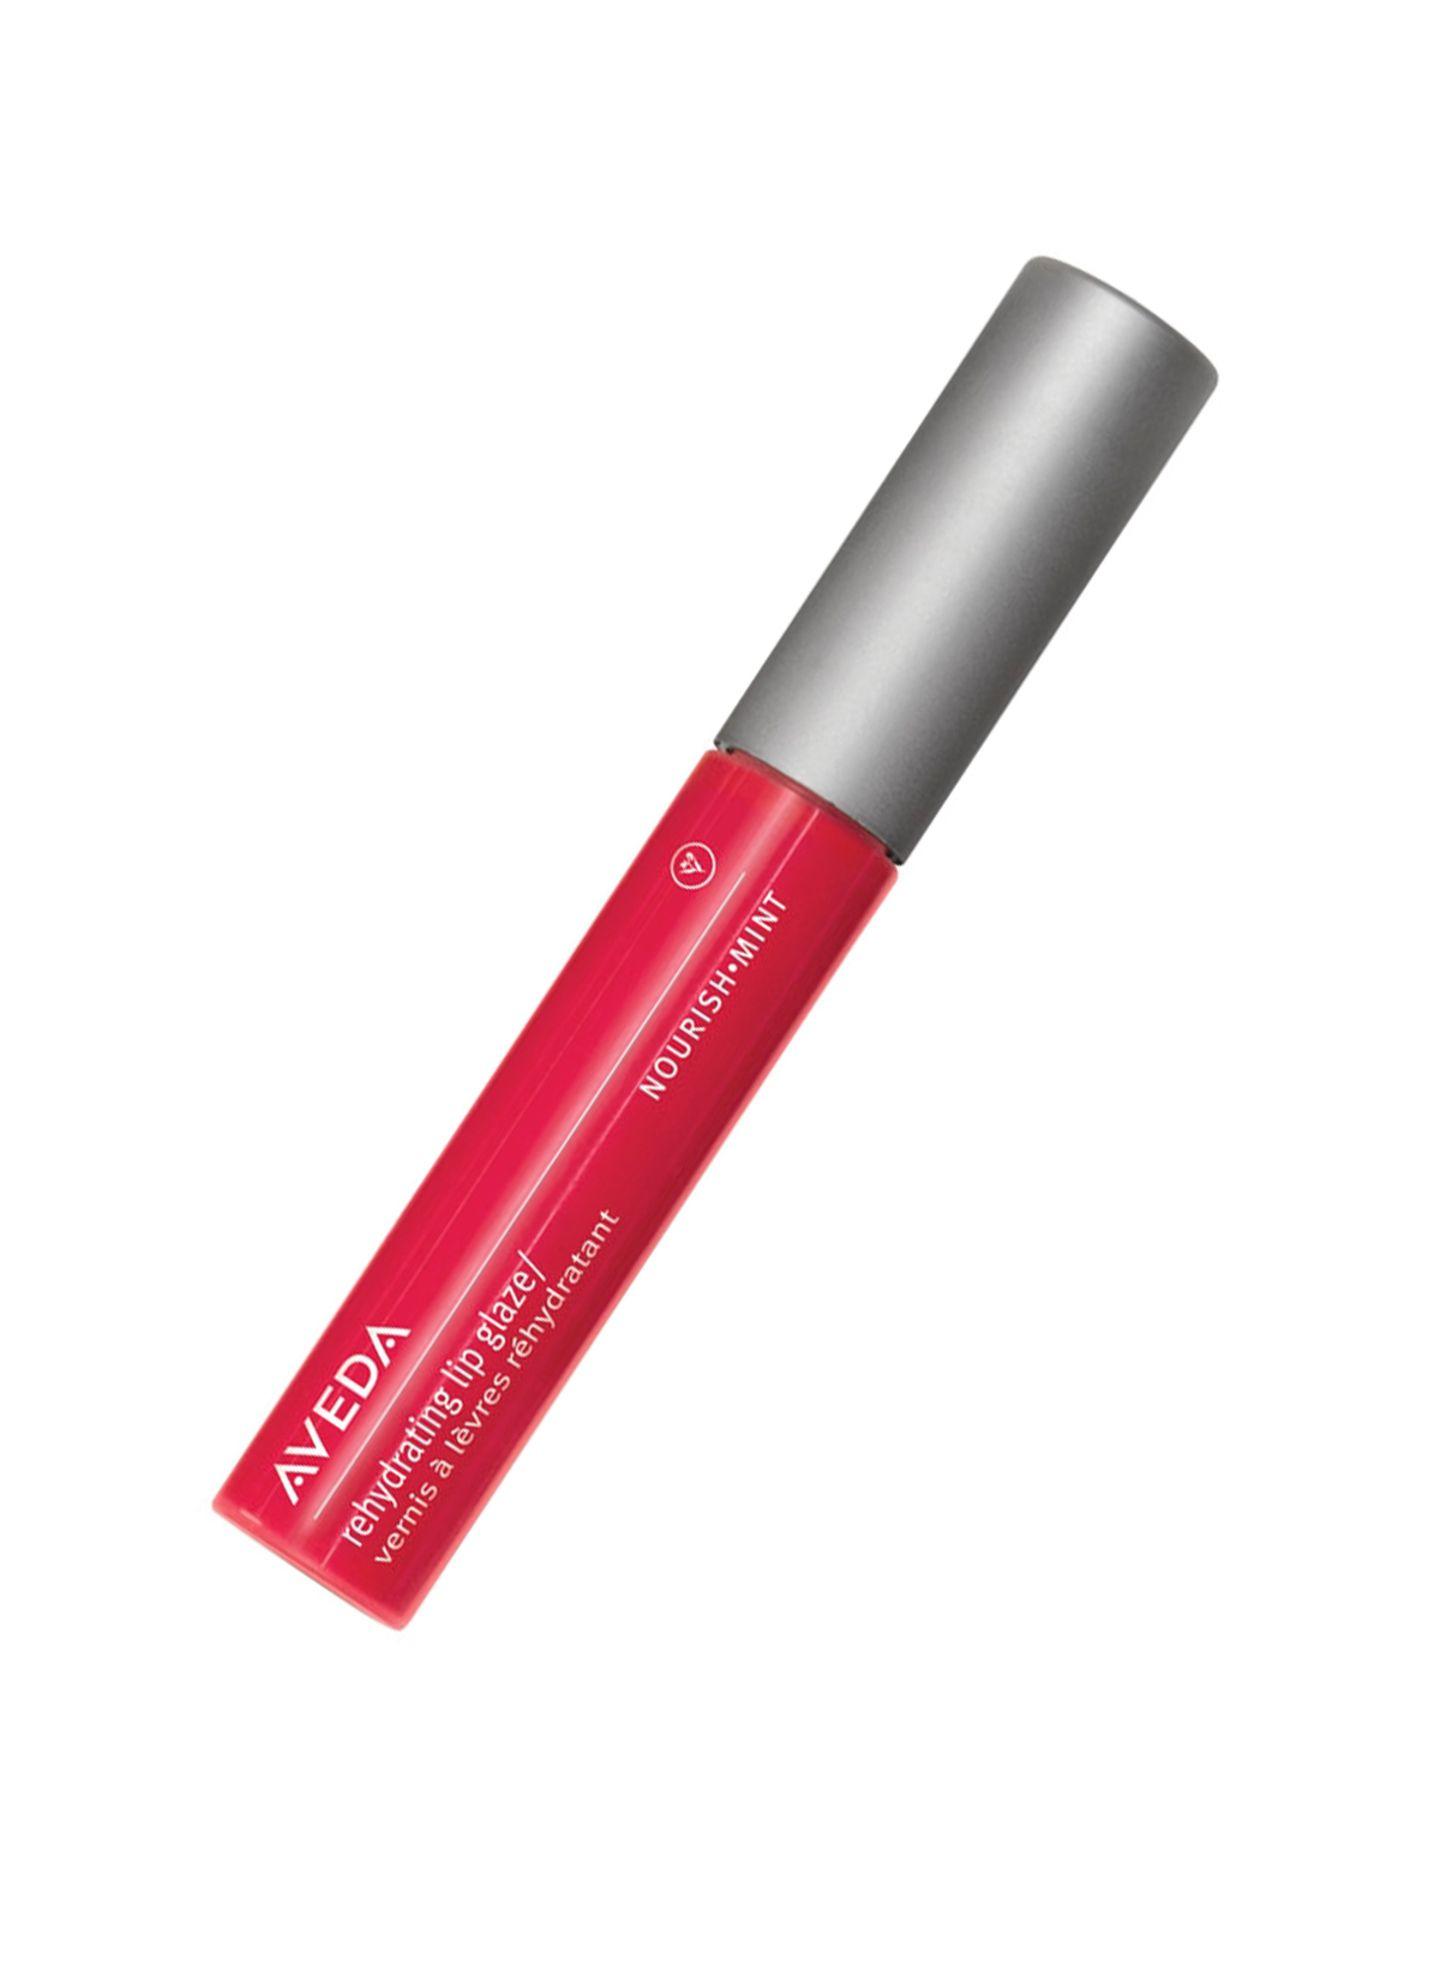 """Glow für die Lippen: """"Rehydrating Lip Glaze Cherry Blossom"""" von Aveda, ca. 21 Euro"""